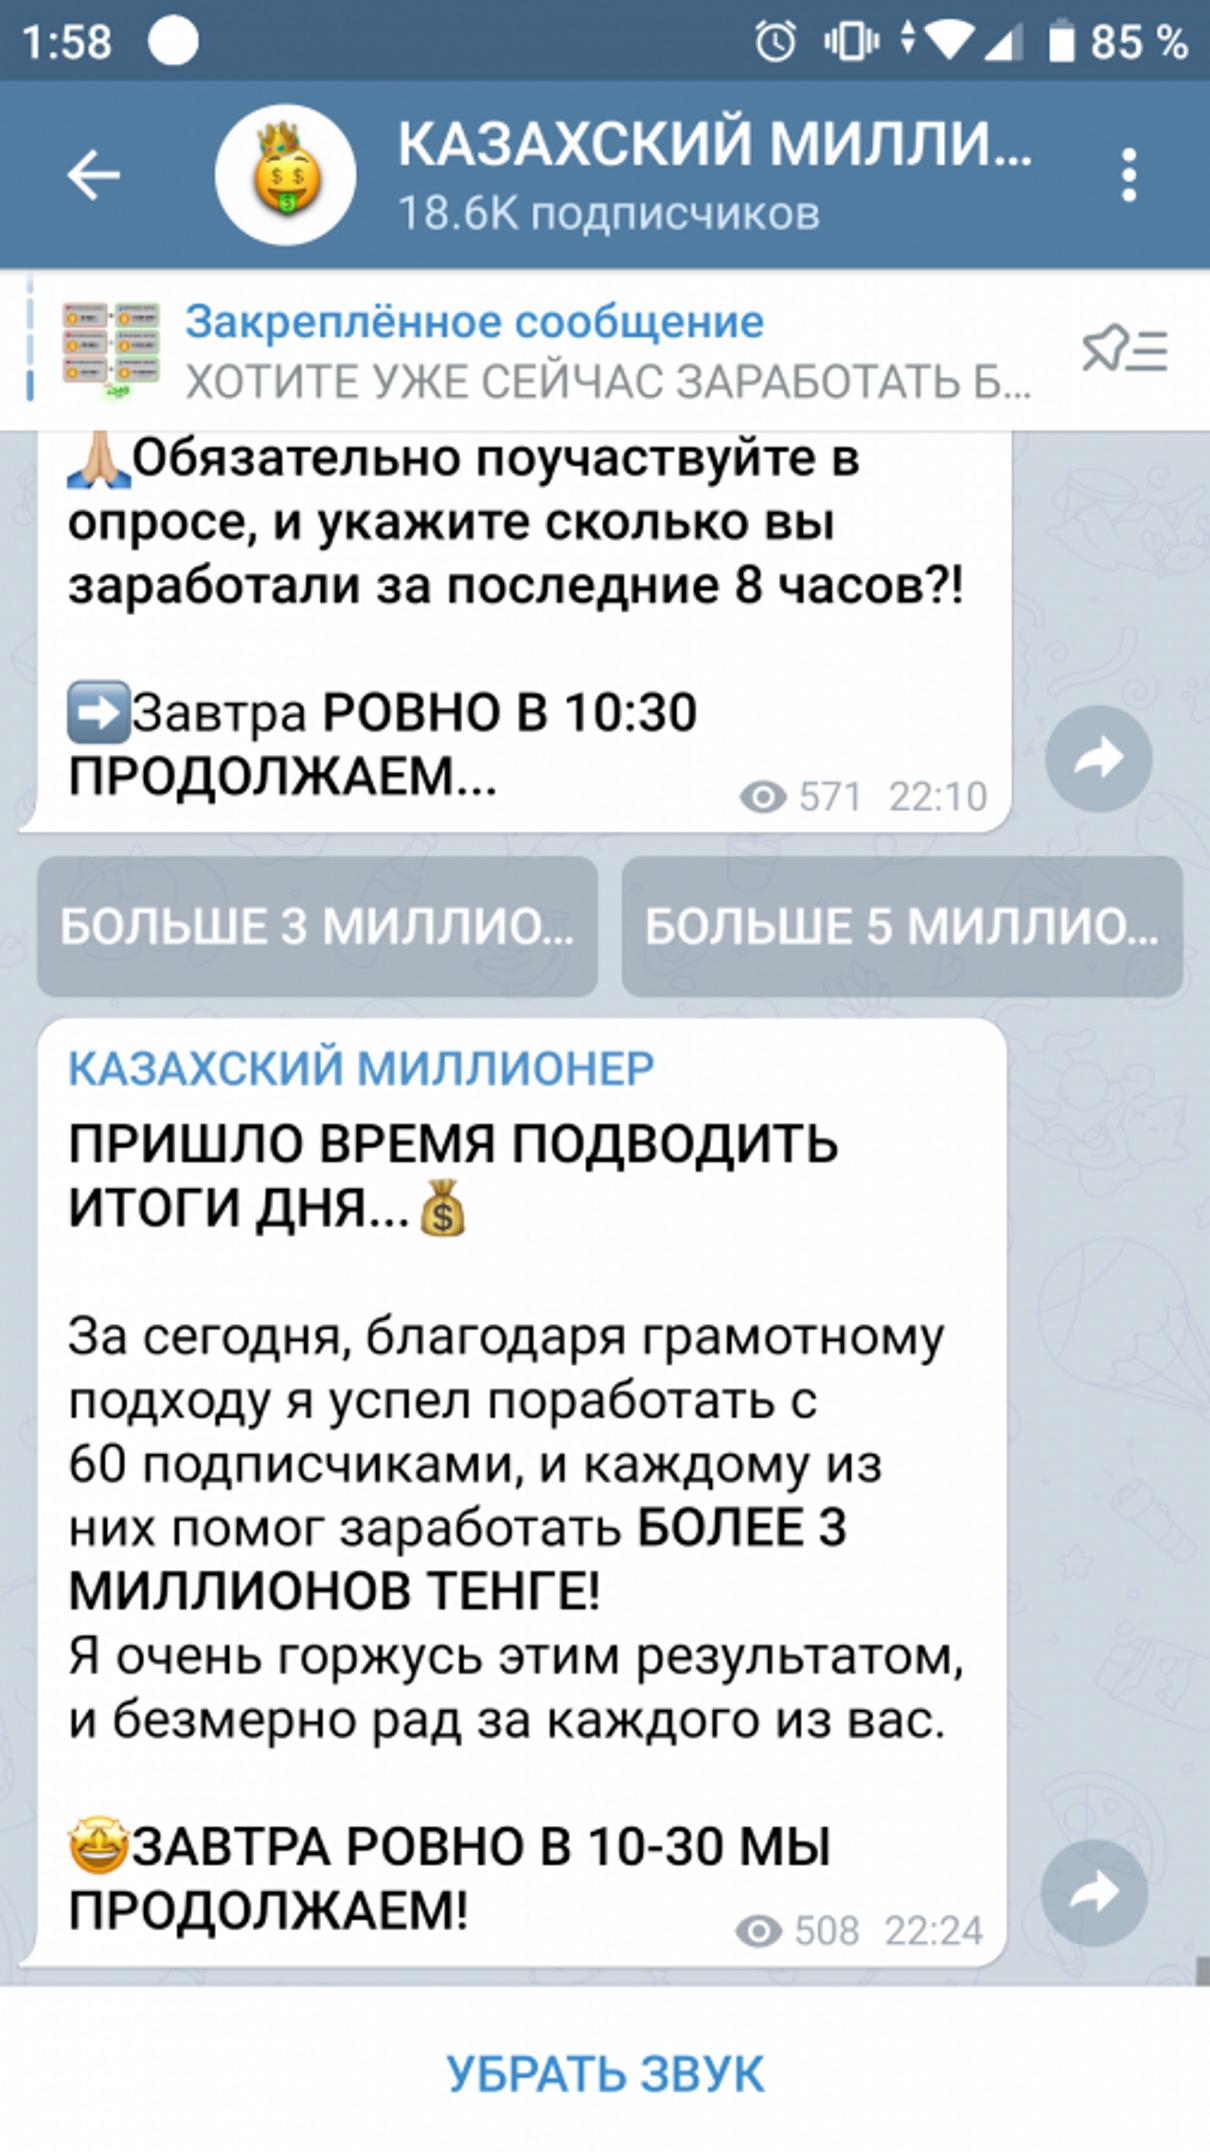 Жалоба-отзыв: Telegram канал Казахский миллионер - Мошенник в Telegram.  Фото №2